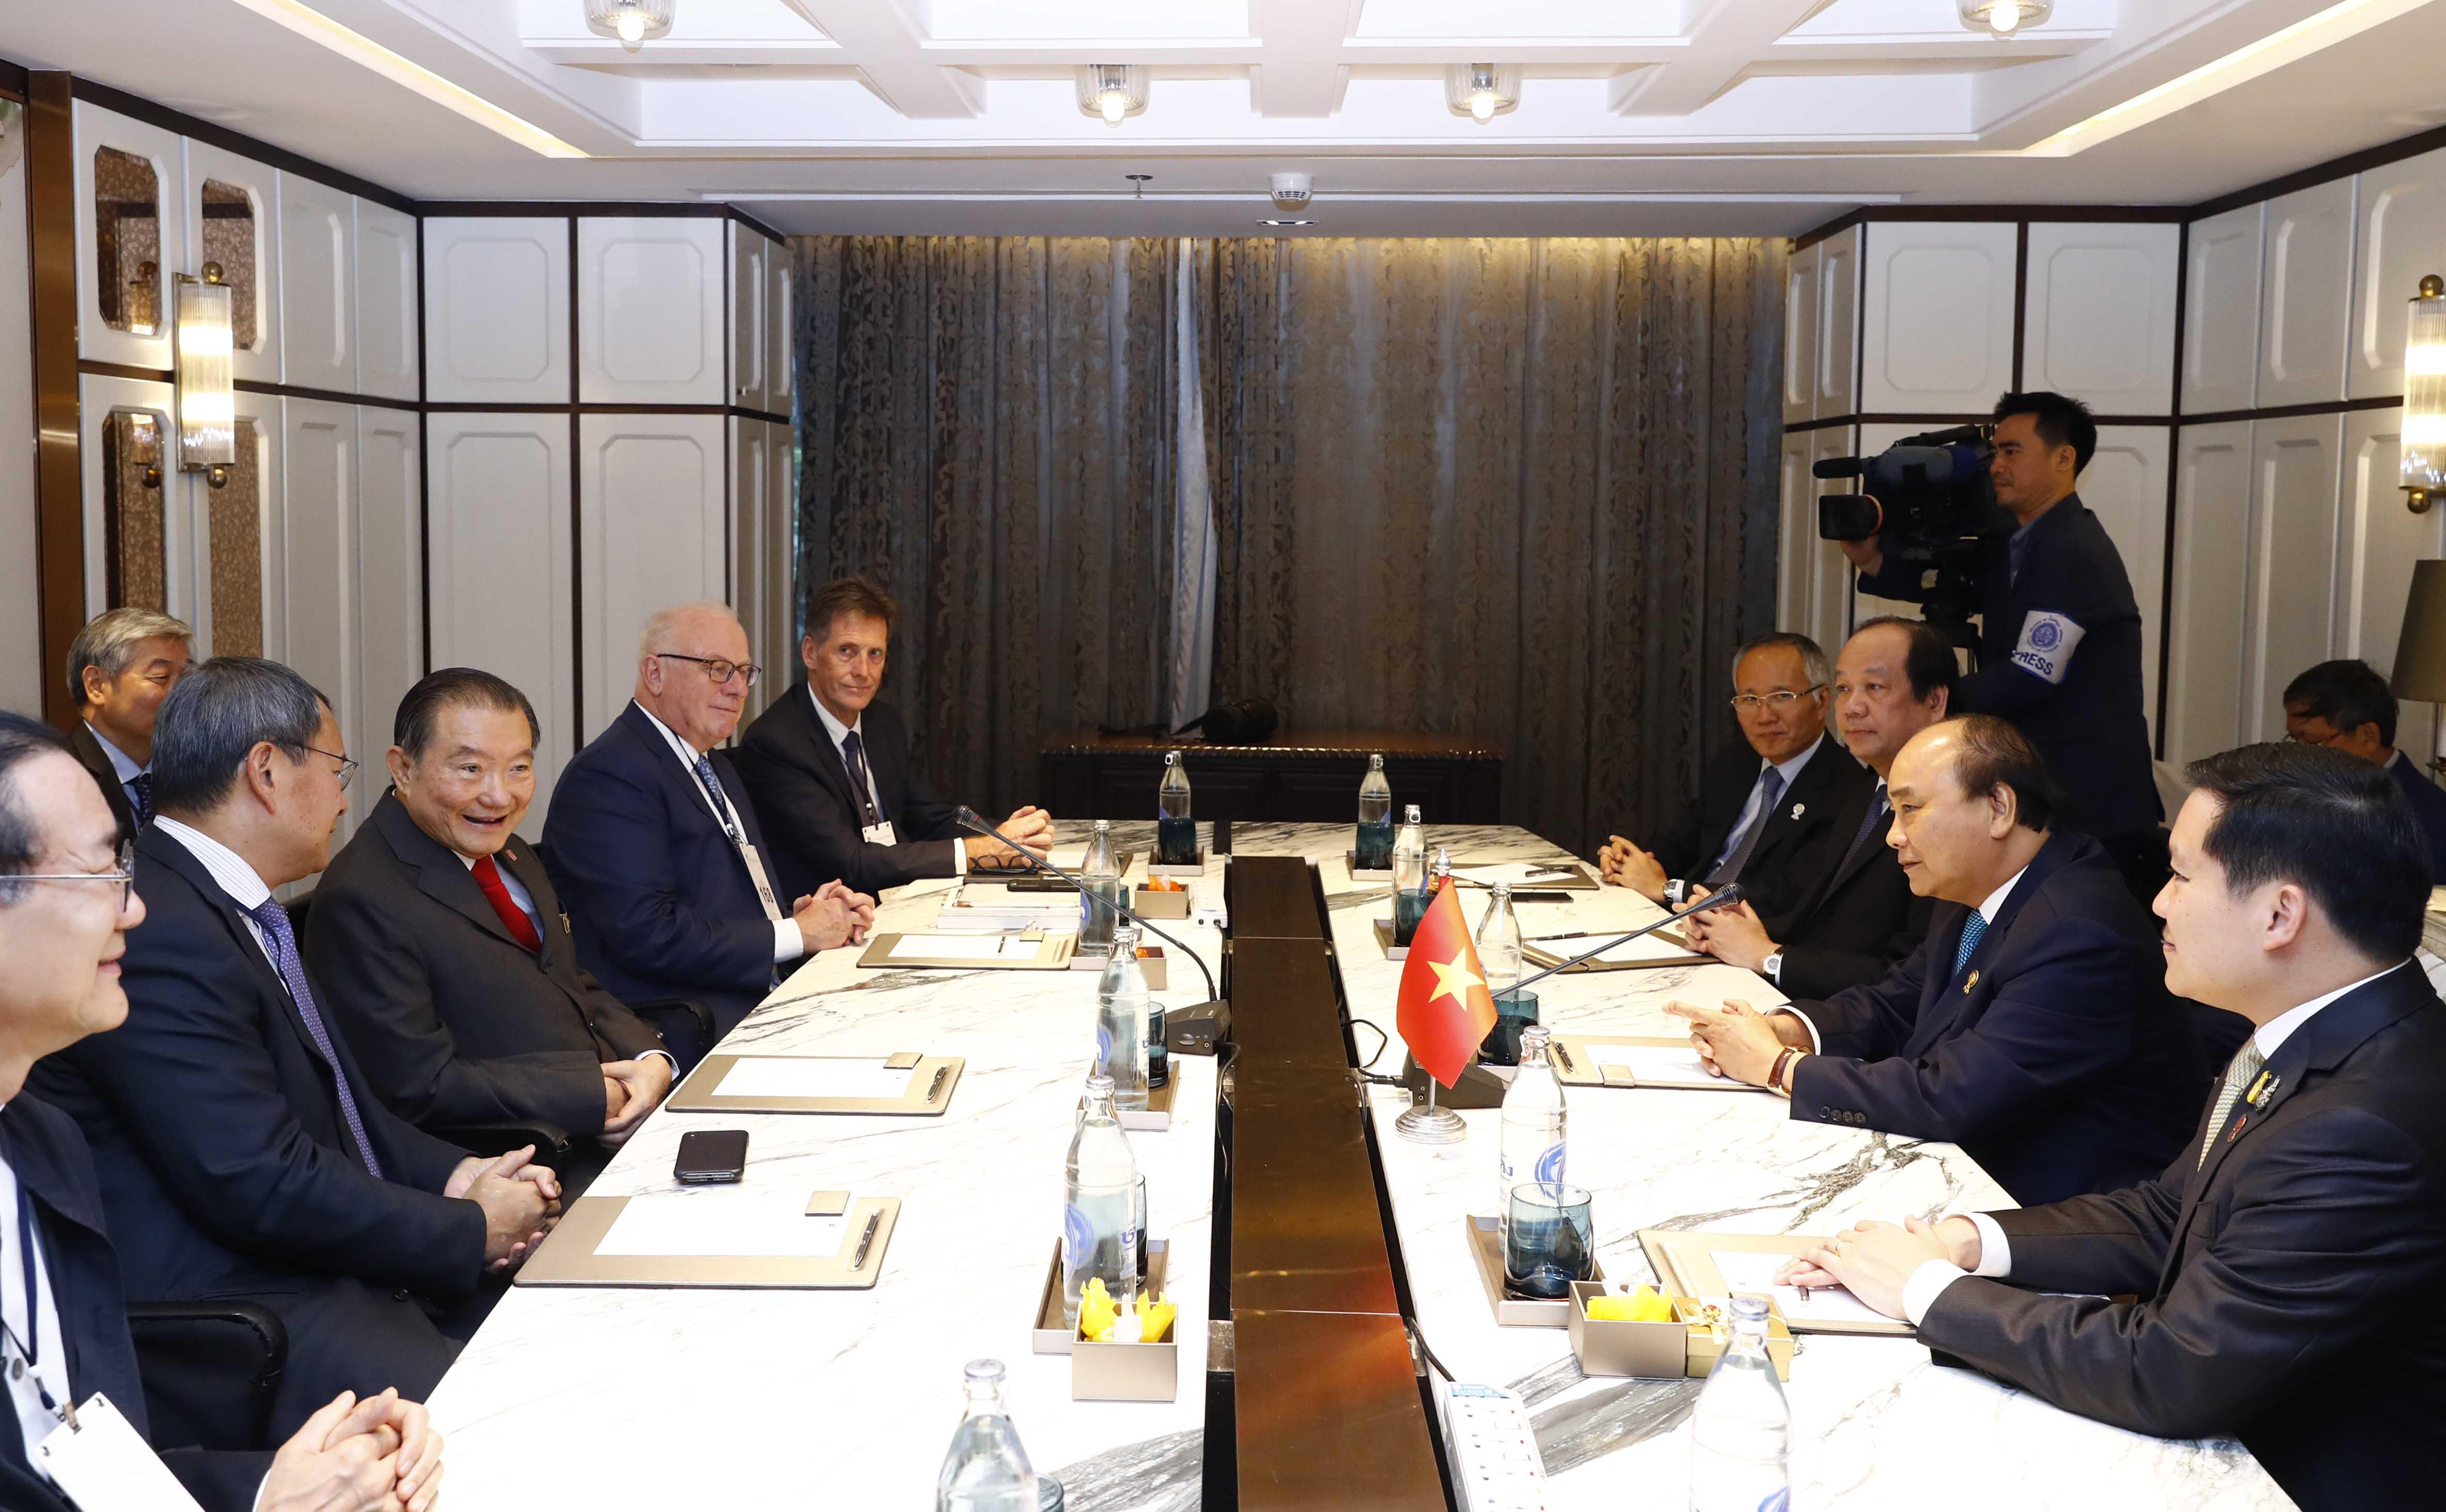 Thủ tướng tiếp lãnh đạo các tập đoàn lớn của Thái Lan